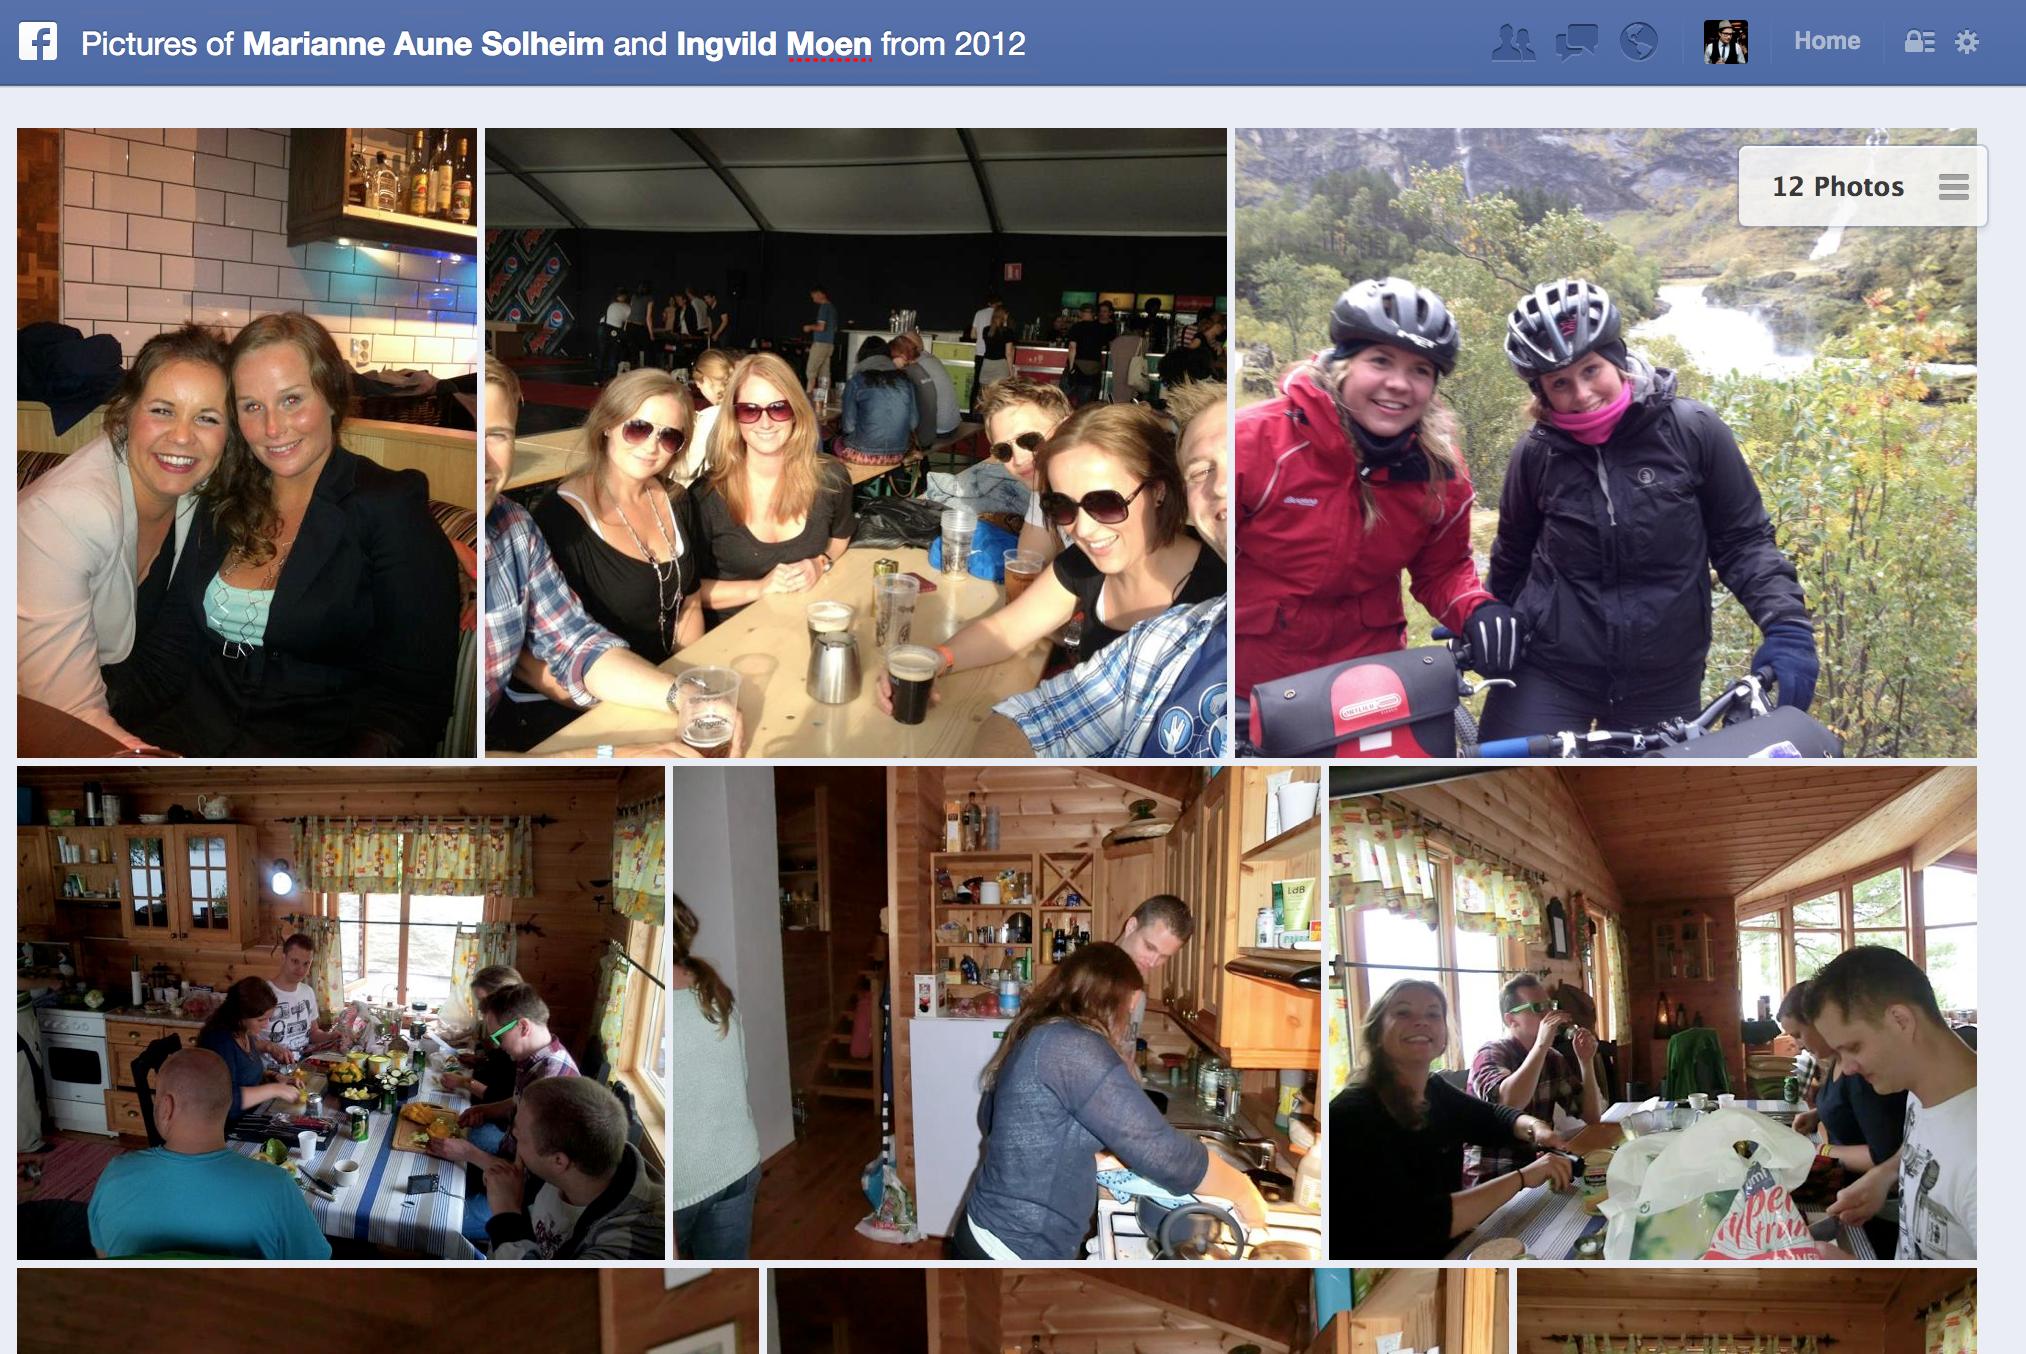 facebook-graph-search-marianne-solheim-ingvild-moen